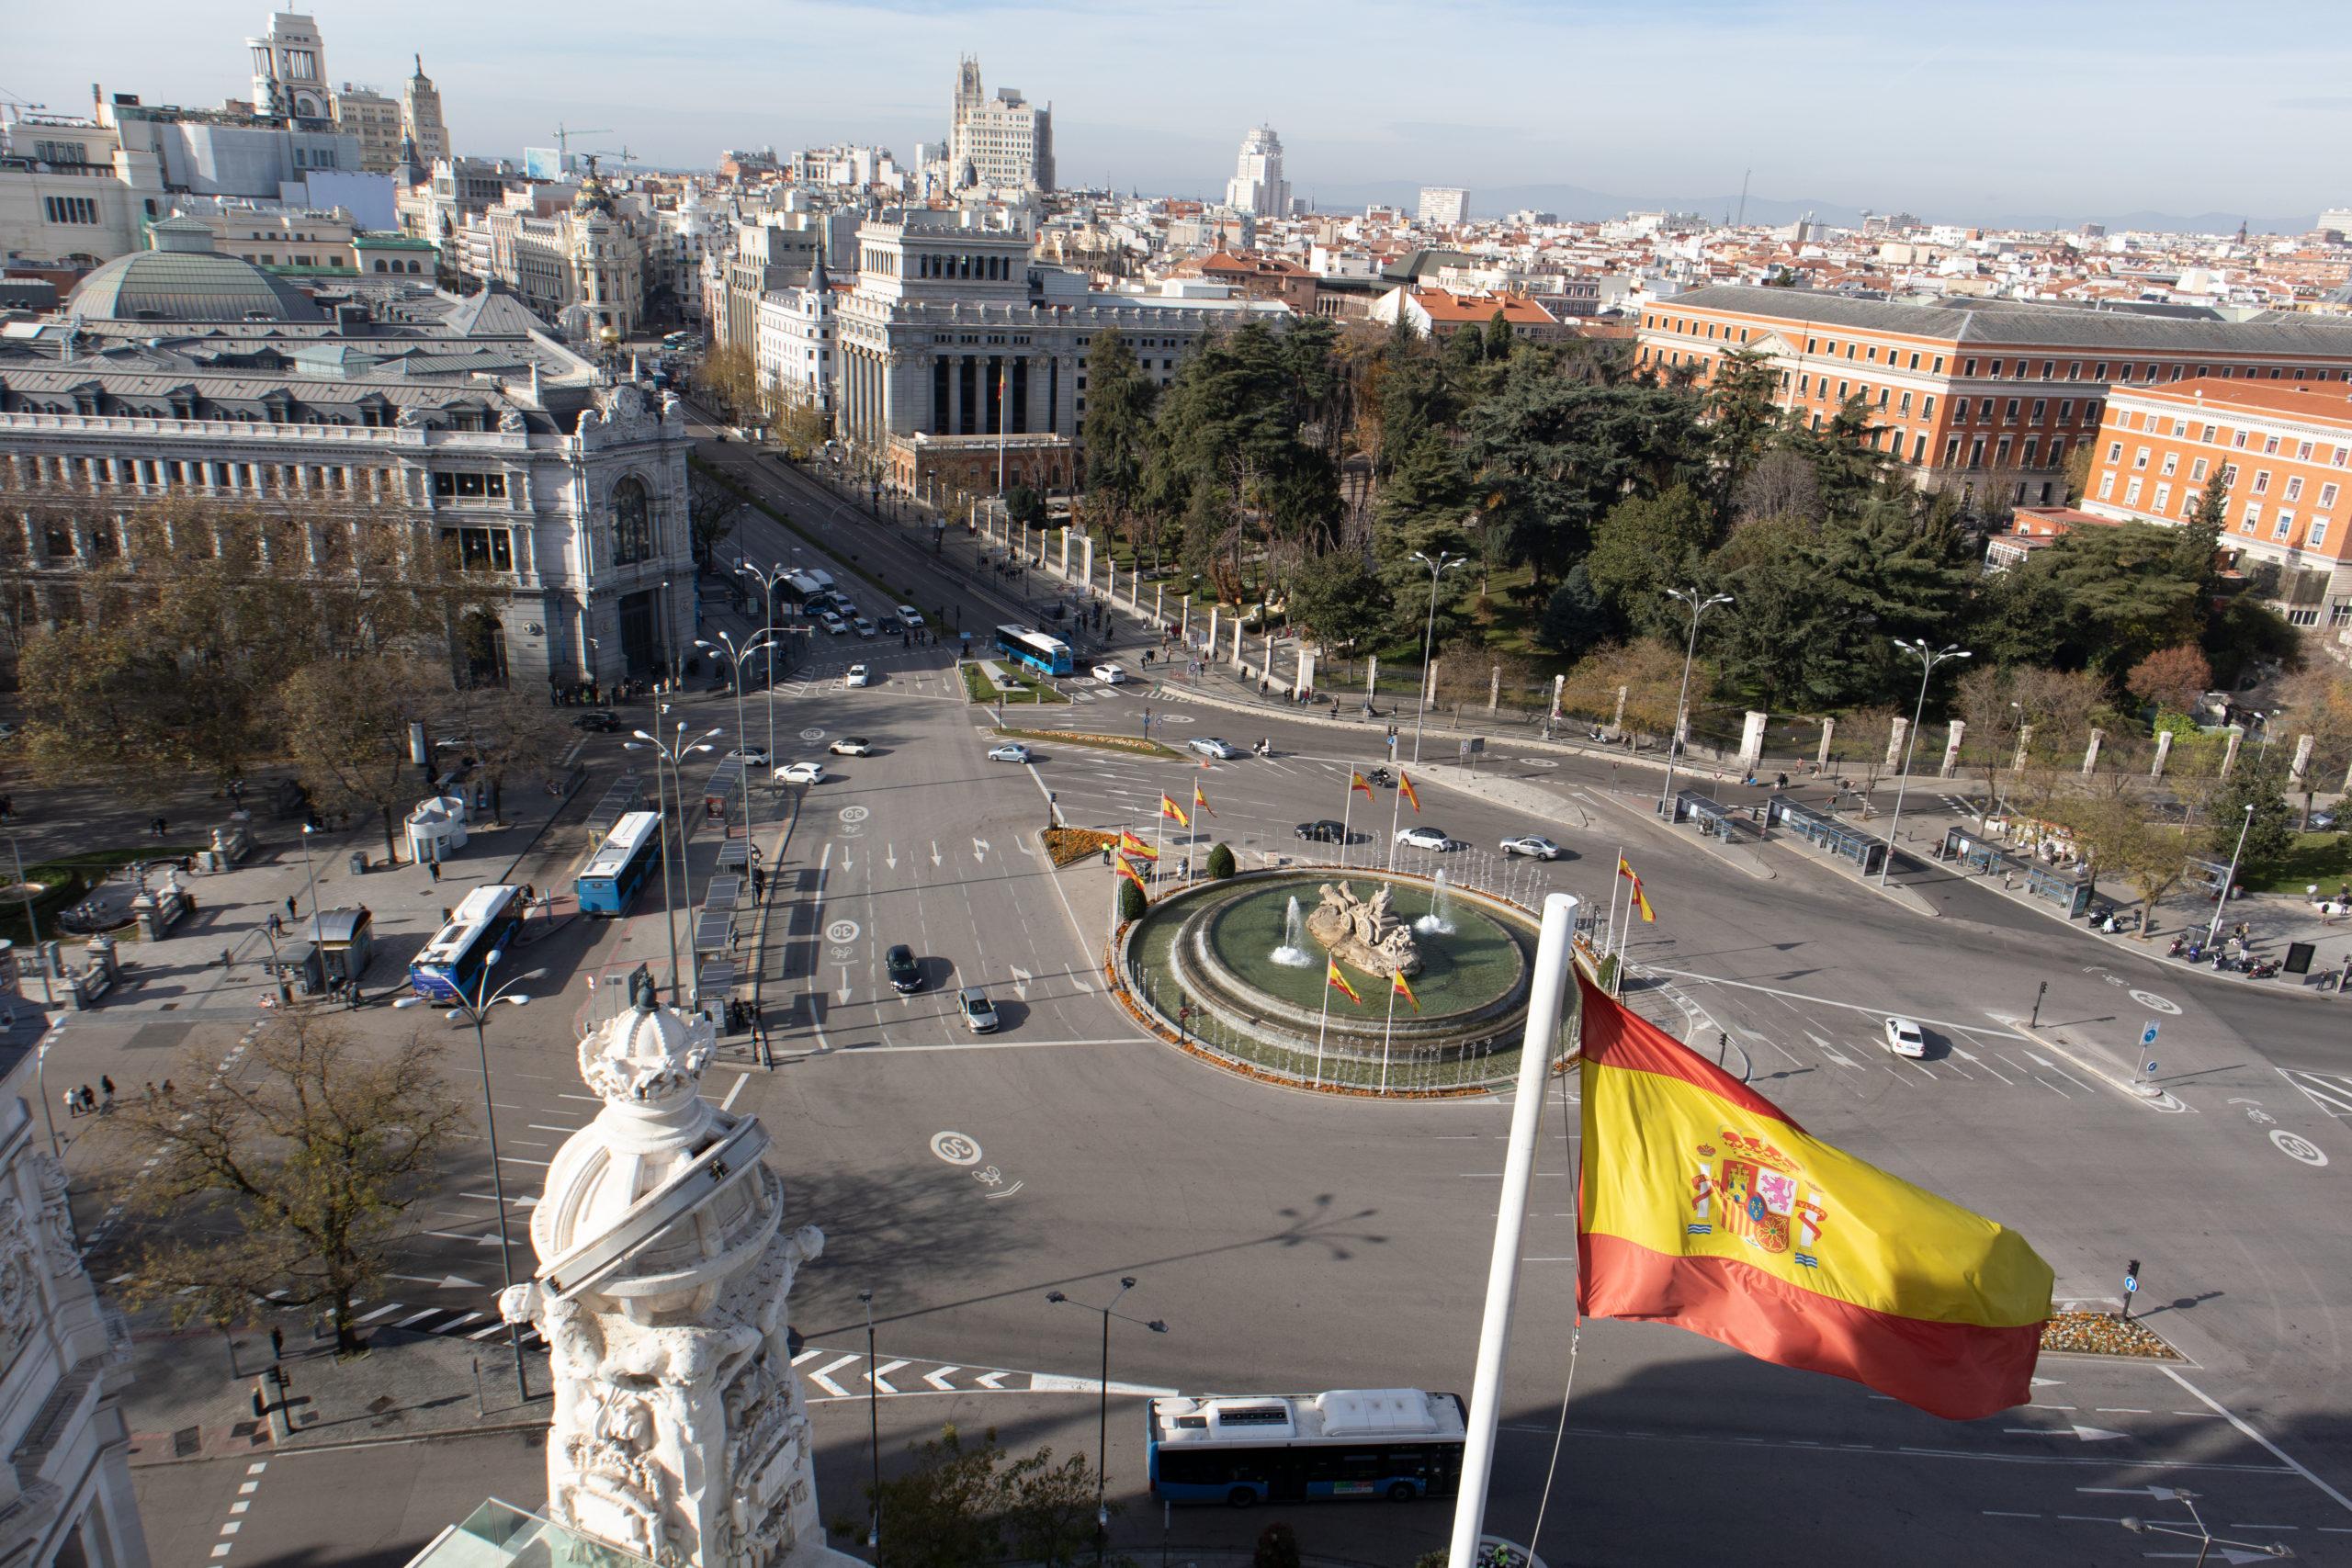 mirador-Madrid-cibeles-ayuntamiento